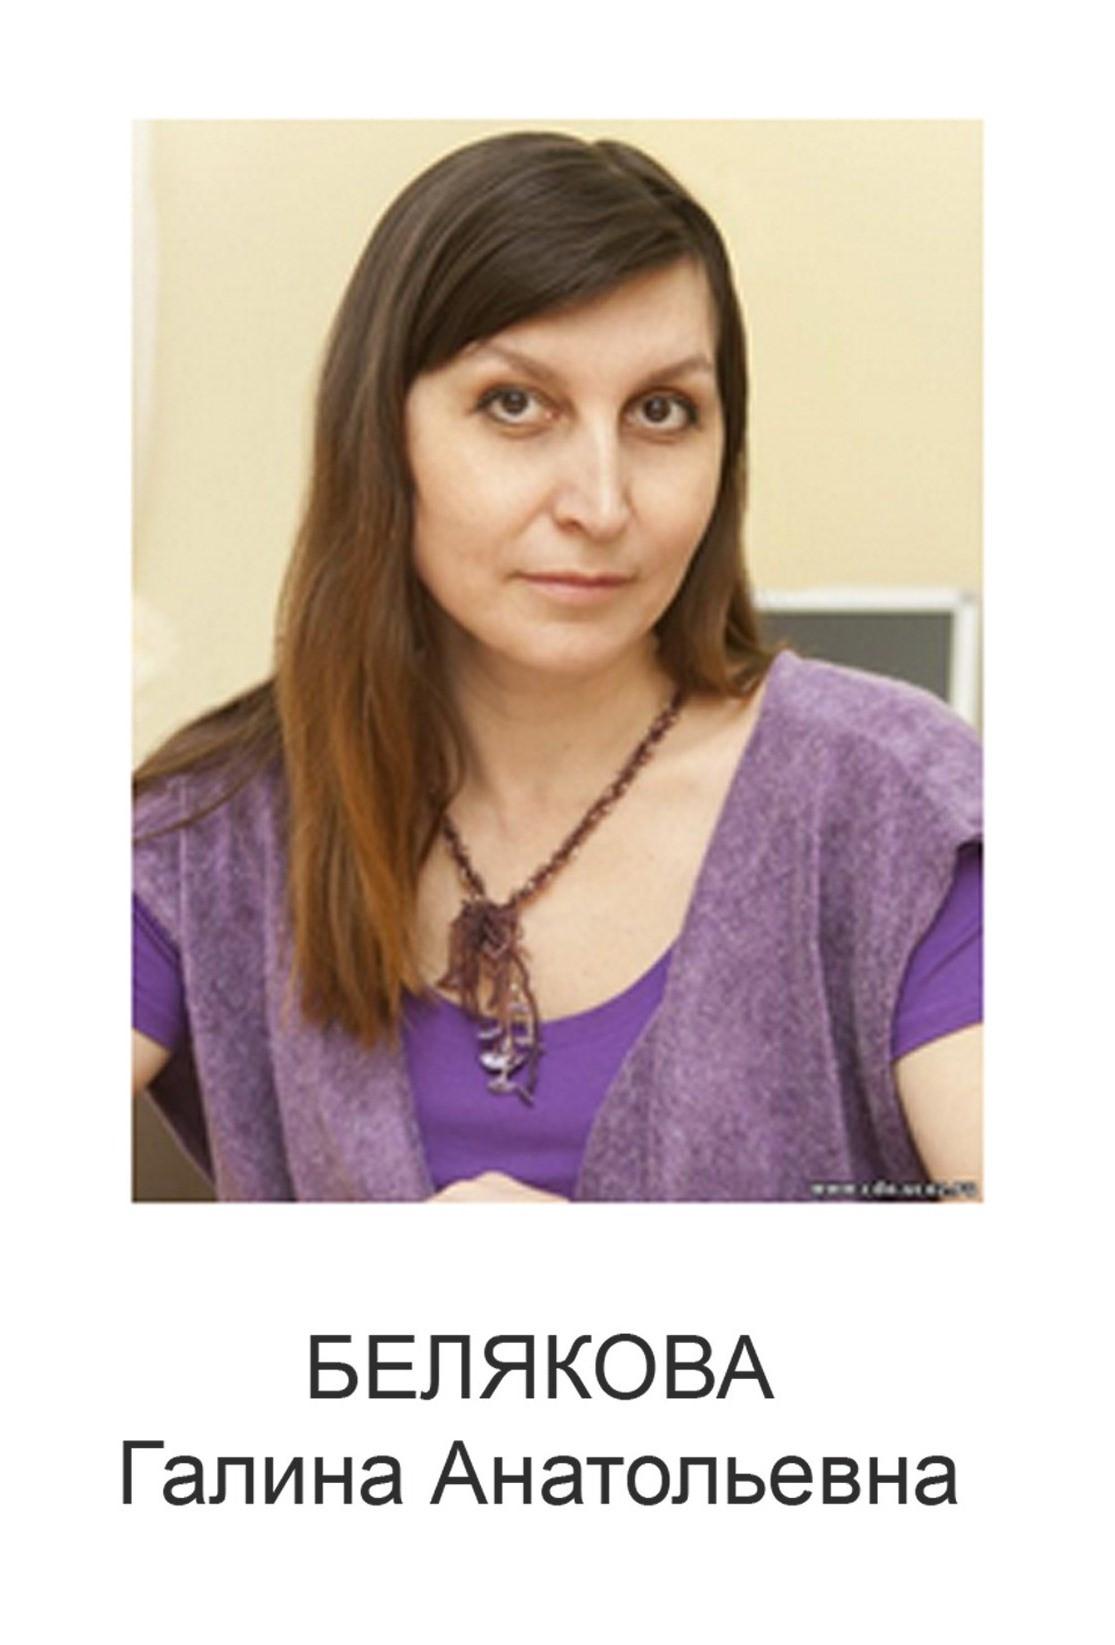 http://cdt-leninskii.ucoz.net/shik/beljakova_g.a..jpg